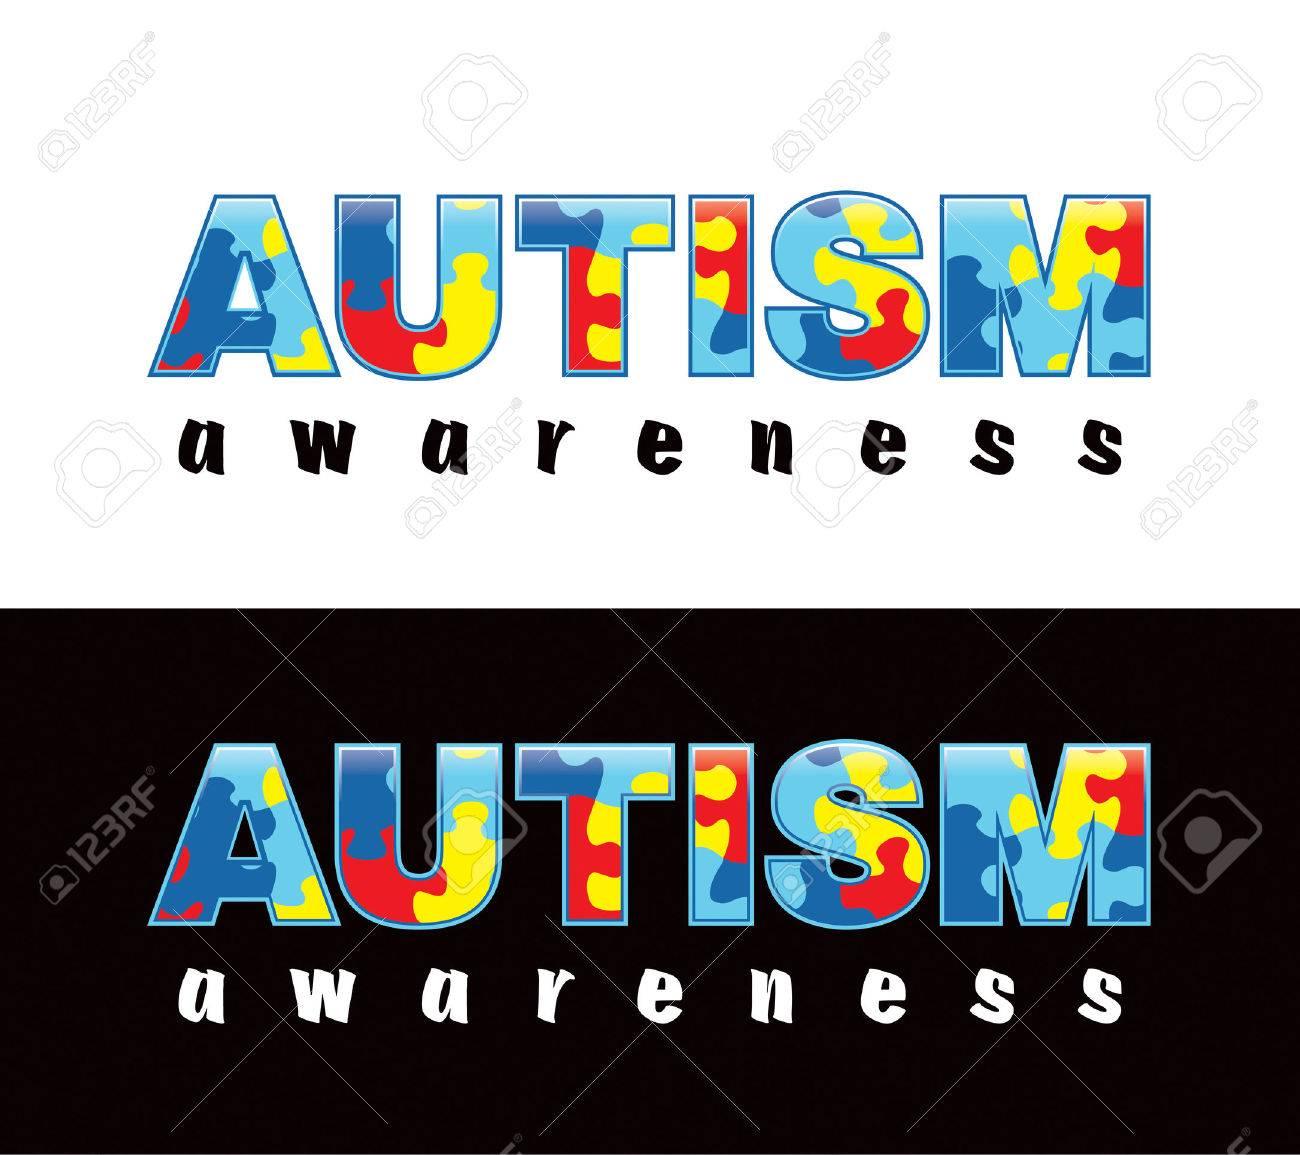 La Frase Conciencia Del Autismo Escrito En Piezas De Un Rompecabezas Colores Y Símbolos Conciencia Del Autismo Siempre Convenientemente Sobre Un